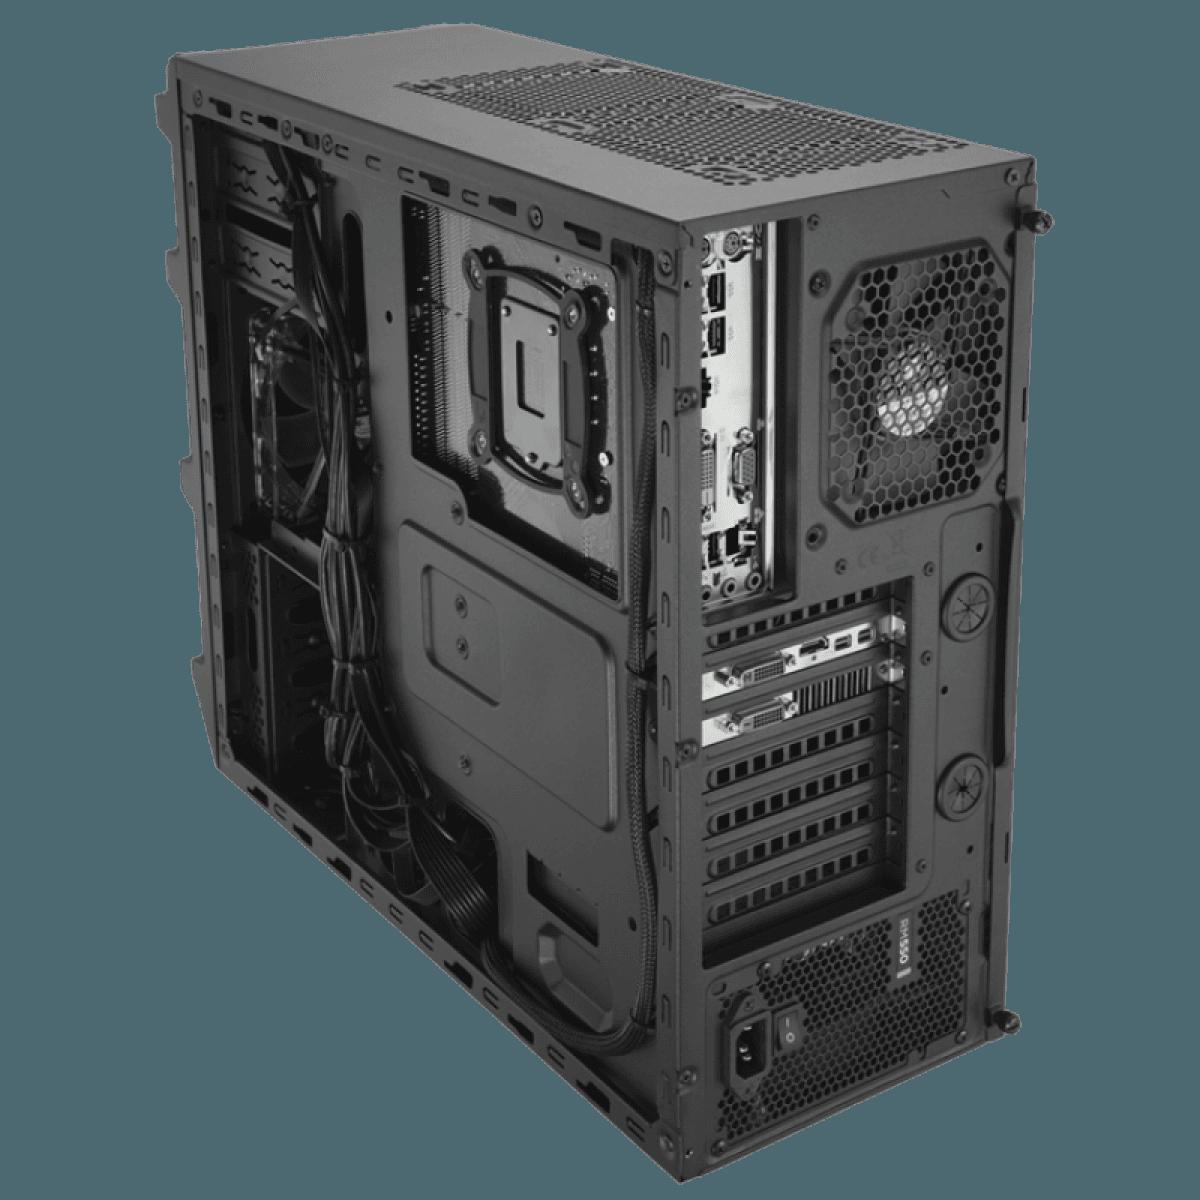 Gabinete Gamer Corsair Carbide SPEC-03, Mid Tower, Com 2 Fans, Lateral em Acrílico, Black, Sem Fonte, CC-9011052-WW